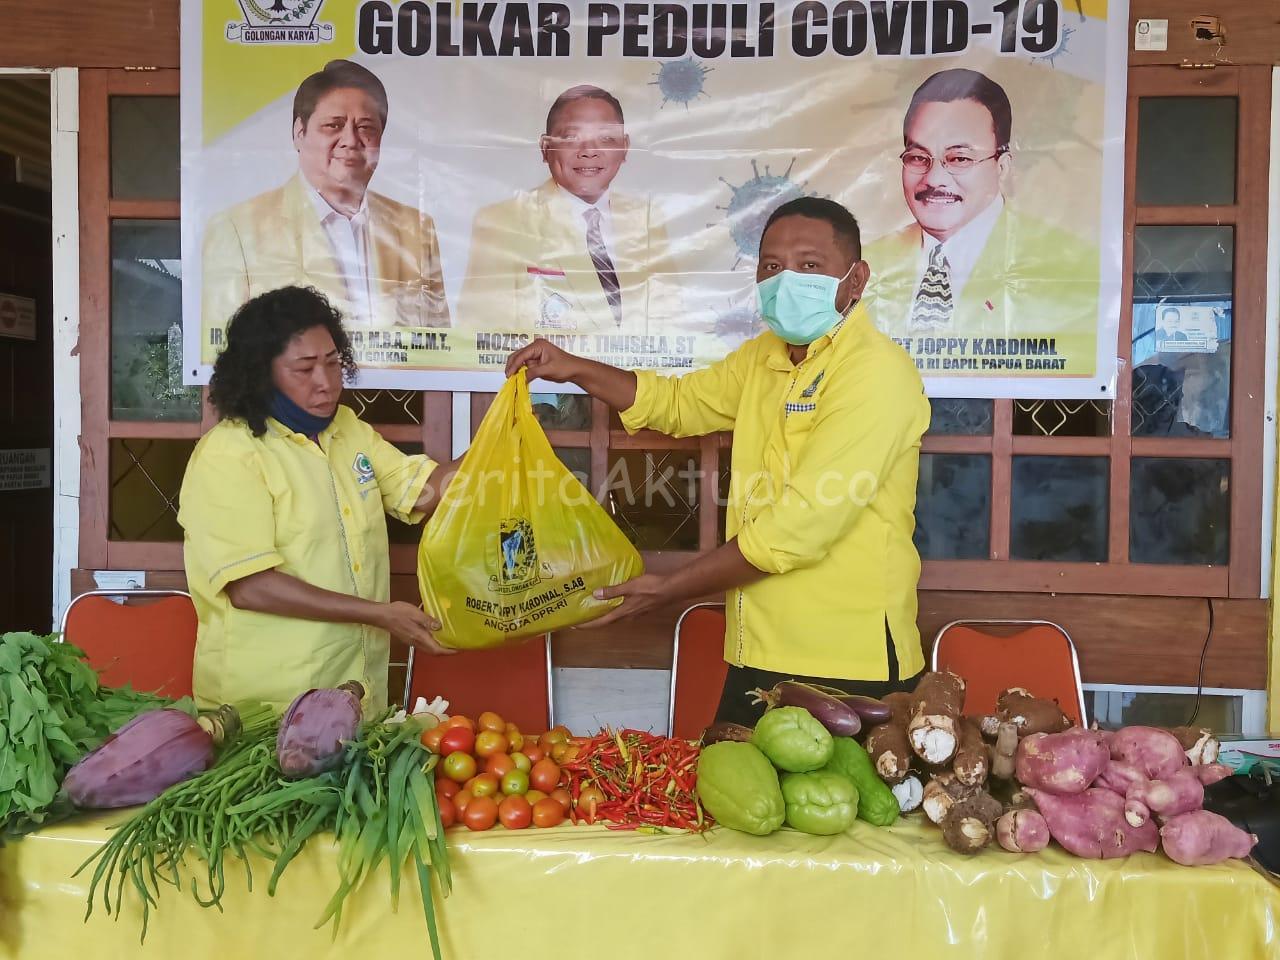 DPD Partai Golkar Papua Barat Bagi 1.000 Paket Pangan Lokal Untuk Masyarakat Manokwari 17 IMG 20200515 WA0035